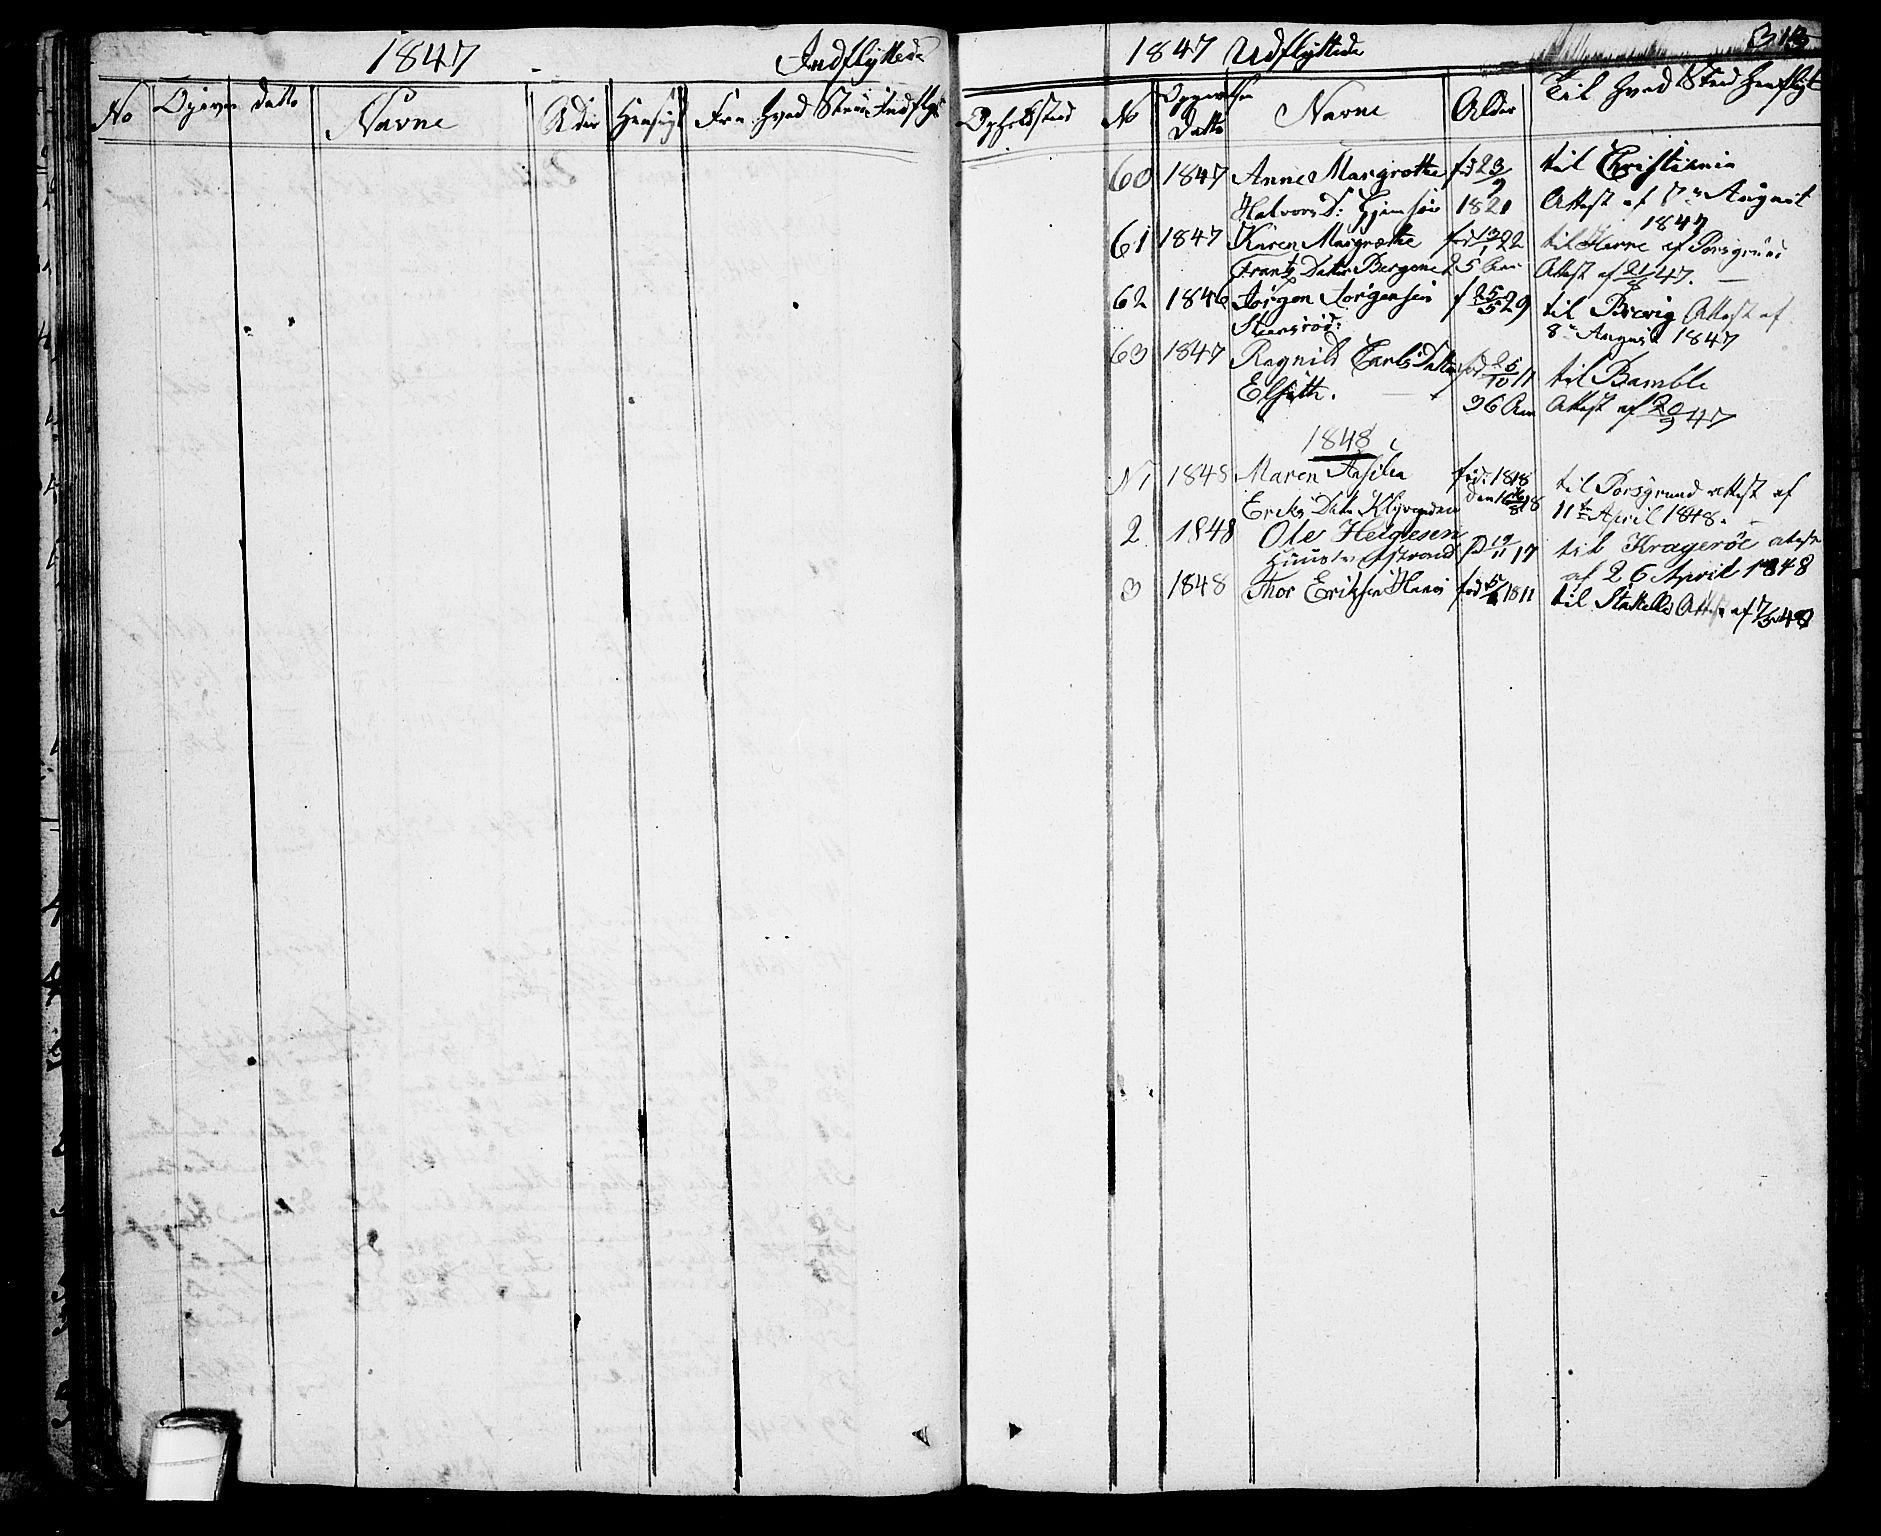 SAKO, Solum kirkebøker, G/Ga/L0002: Klokkerbok nr. I 2, 1834-1848, s. 313